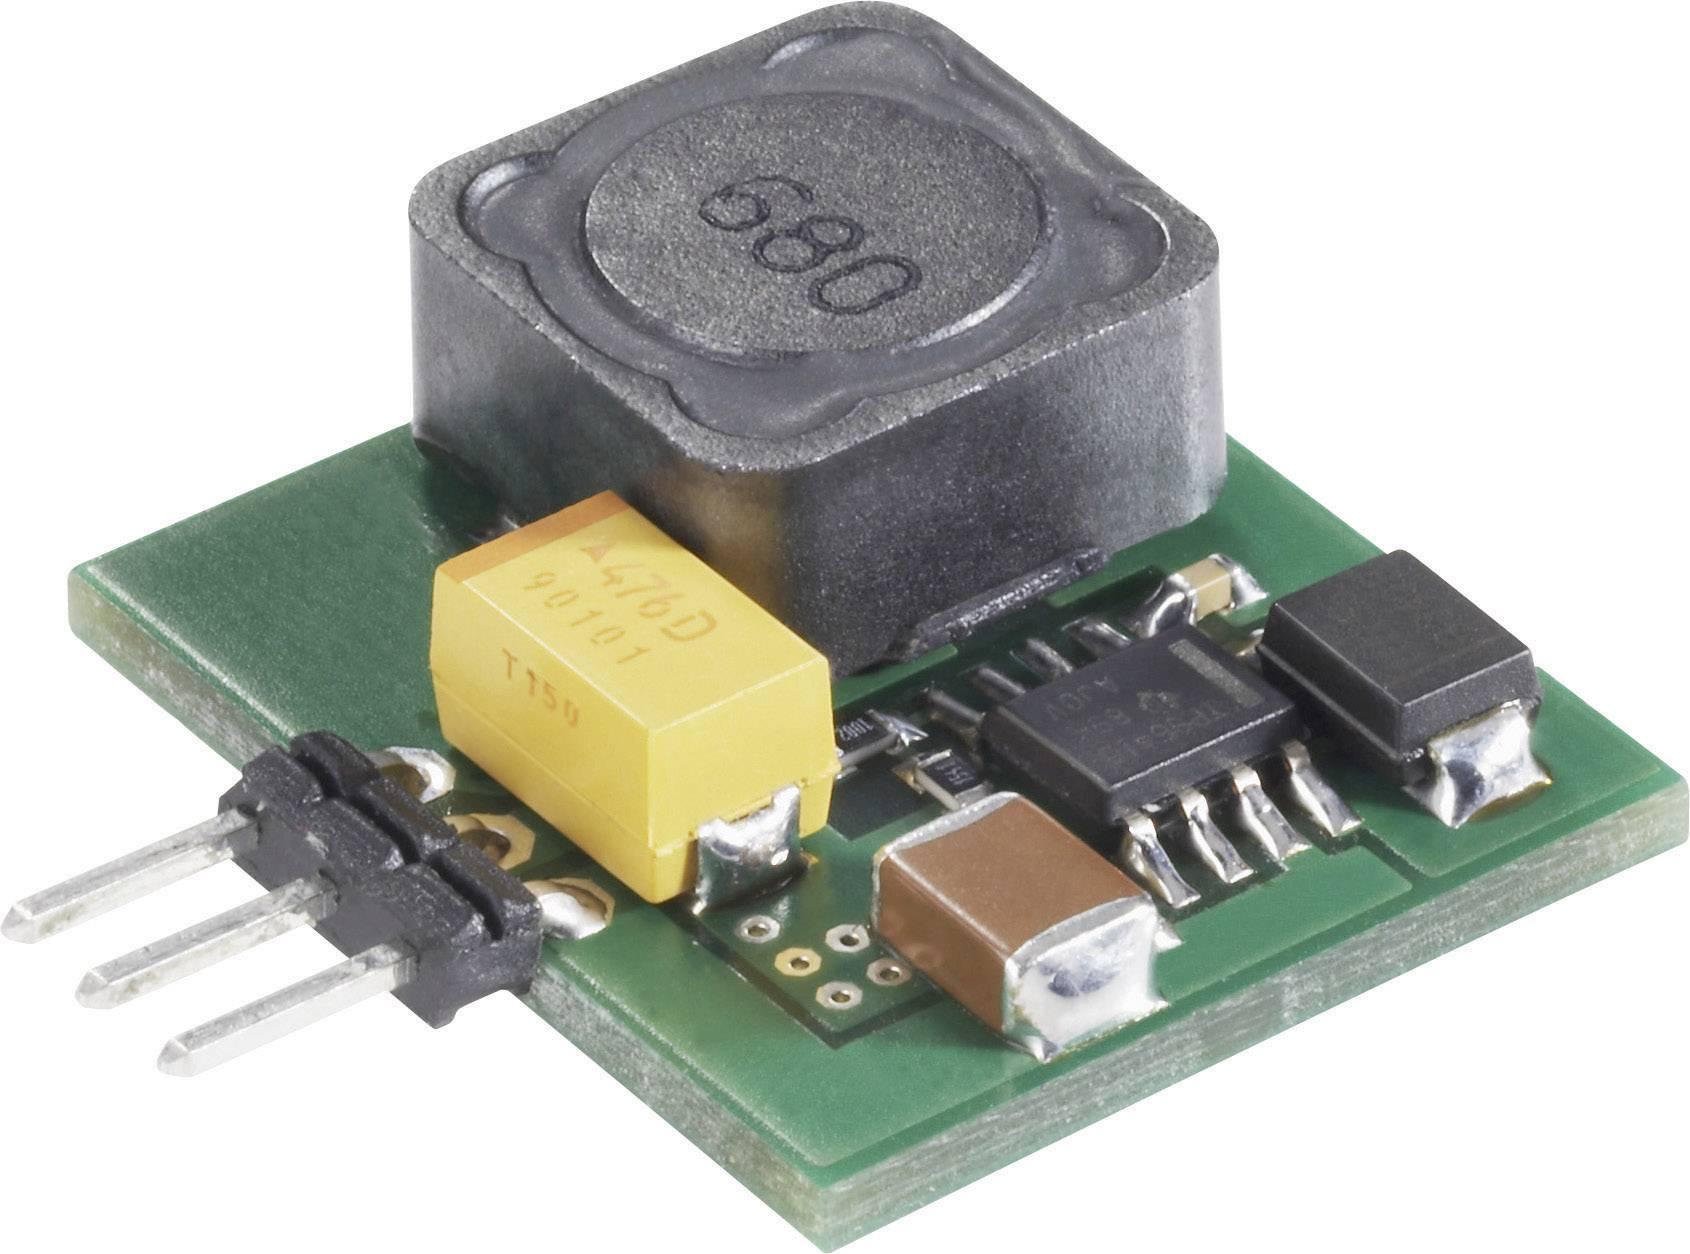 Napäťový regulátor - DC / DC spínací regulátor Conrad Components W78-5V0, 1 A